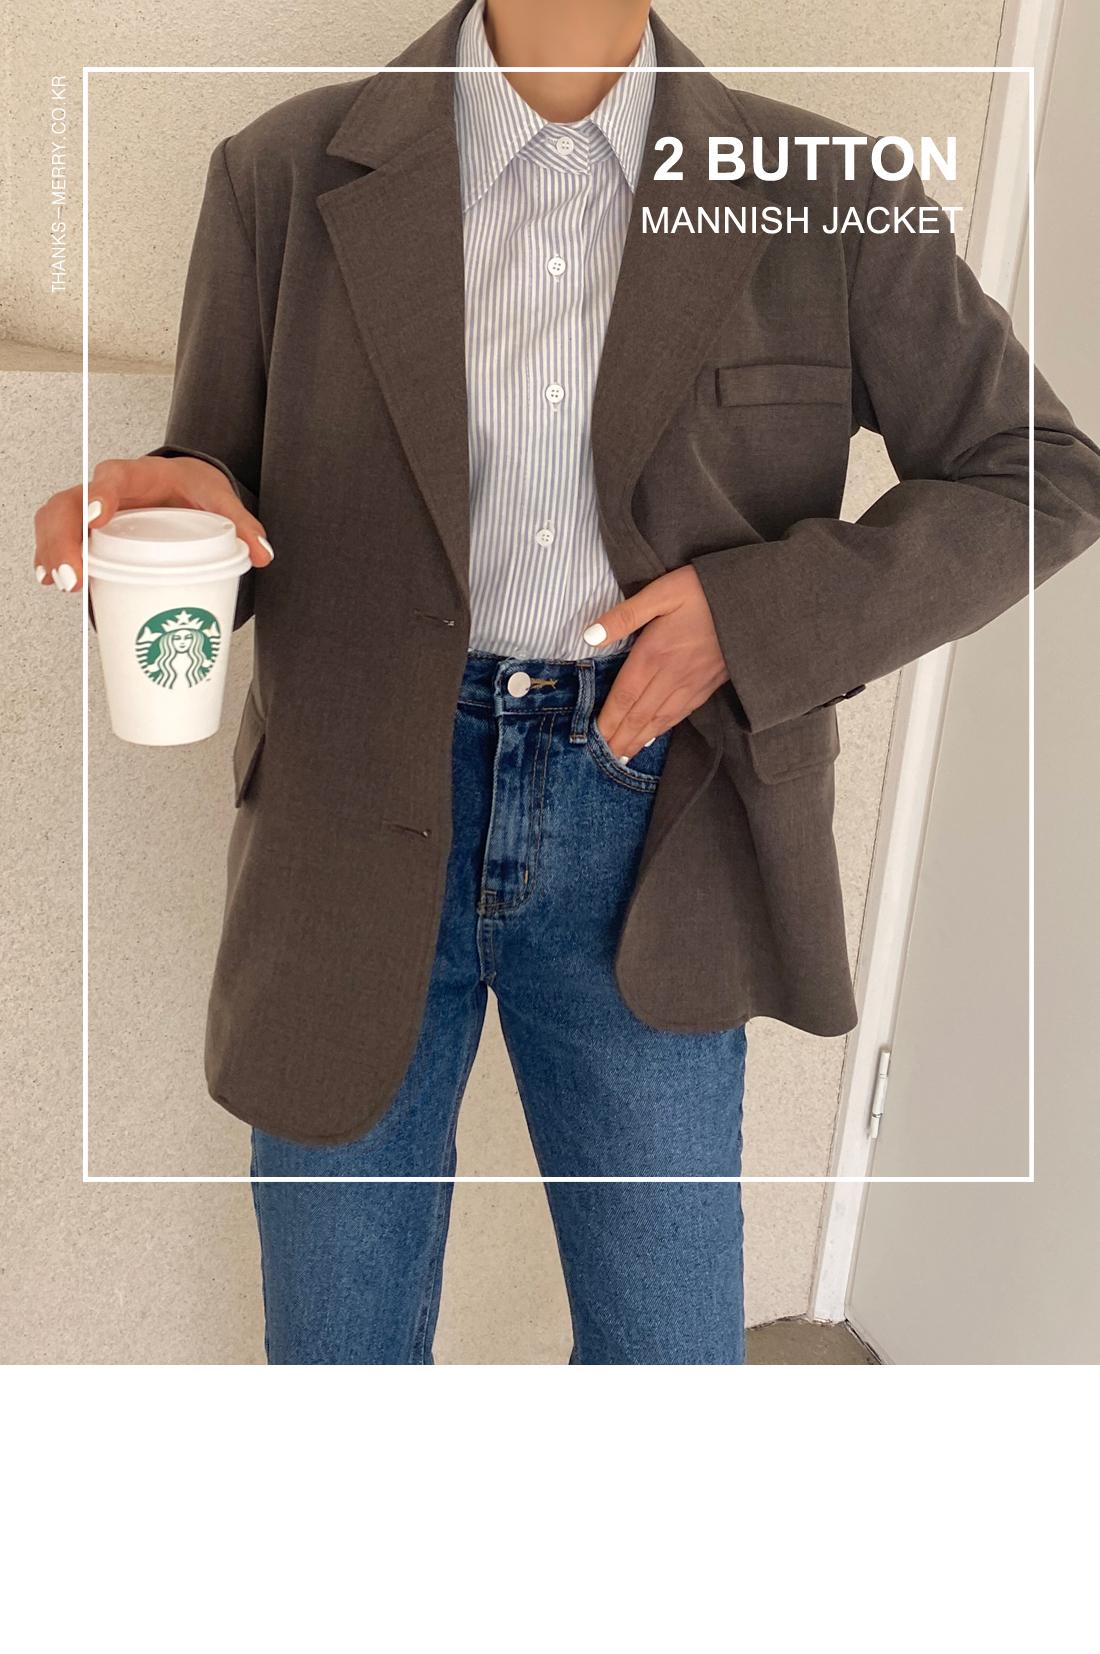 Void mannish jacket